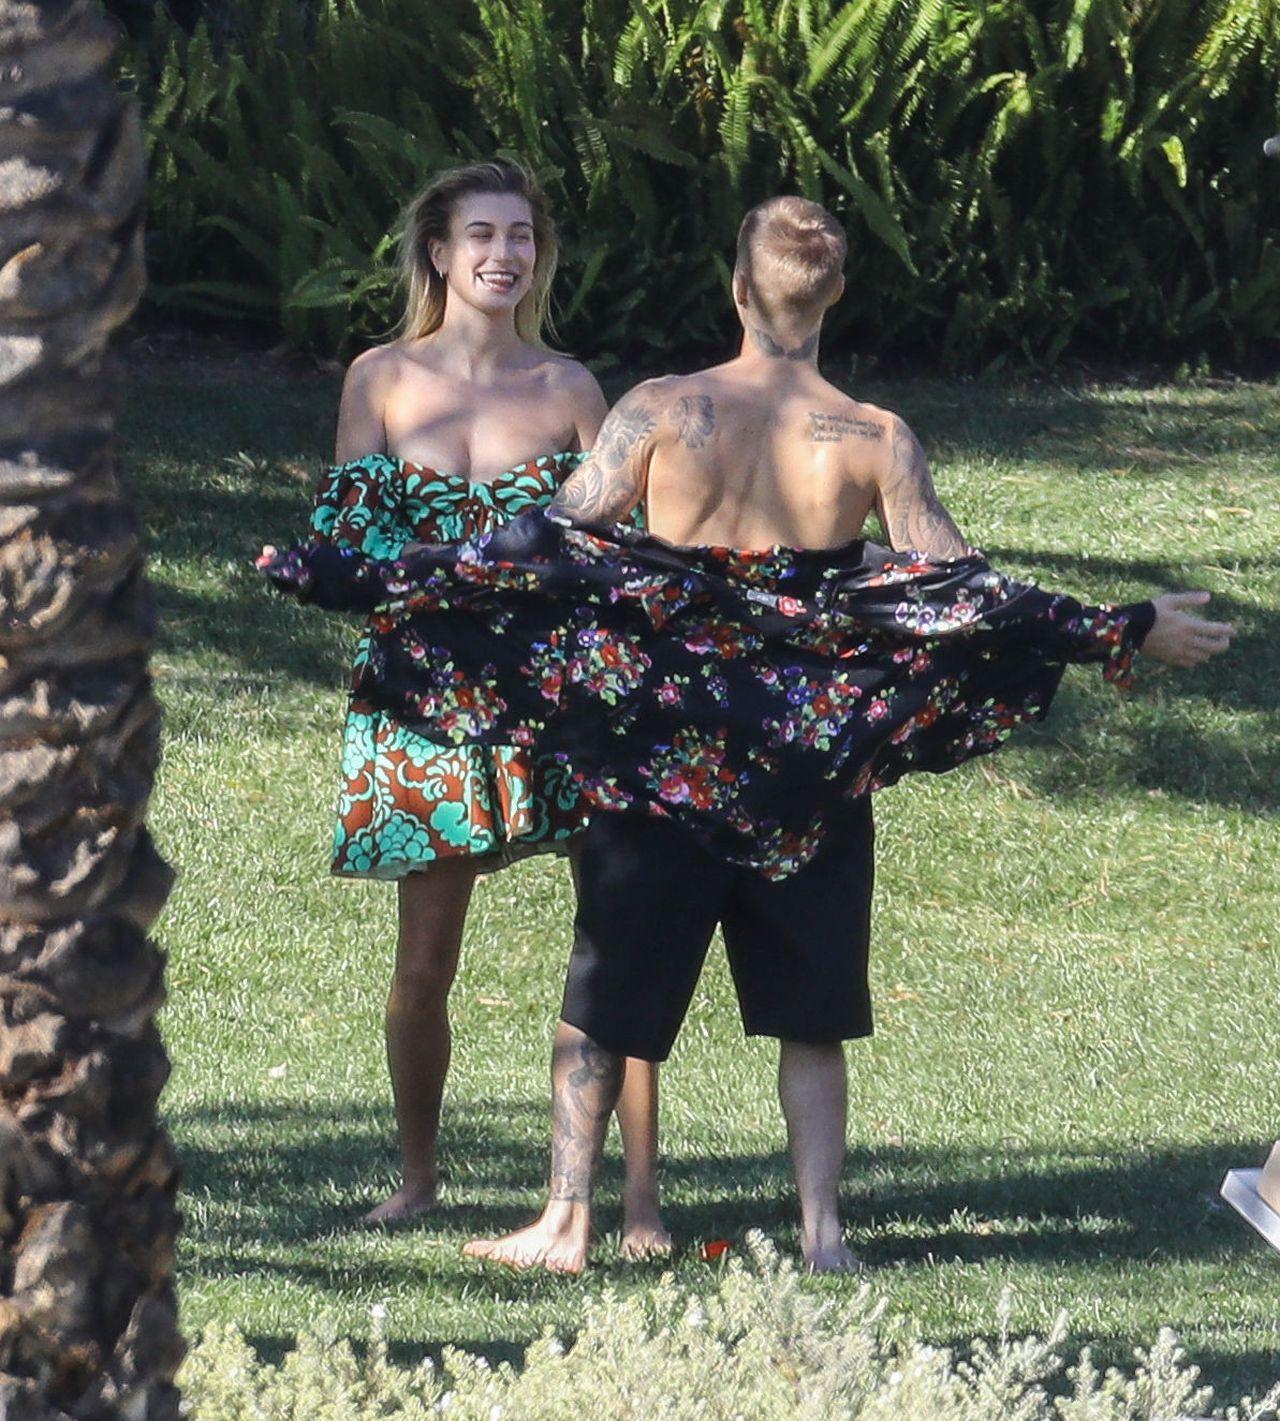 Justin Bieber i Hailey Baldwin podczas sesji zdjęciowej